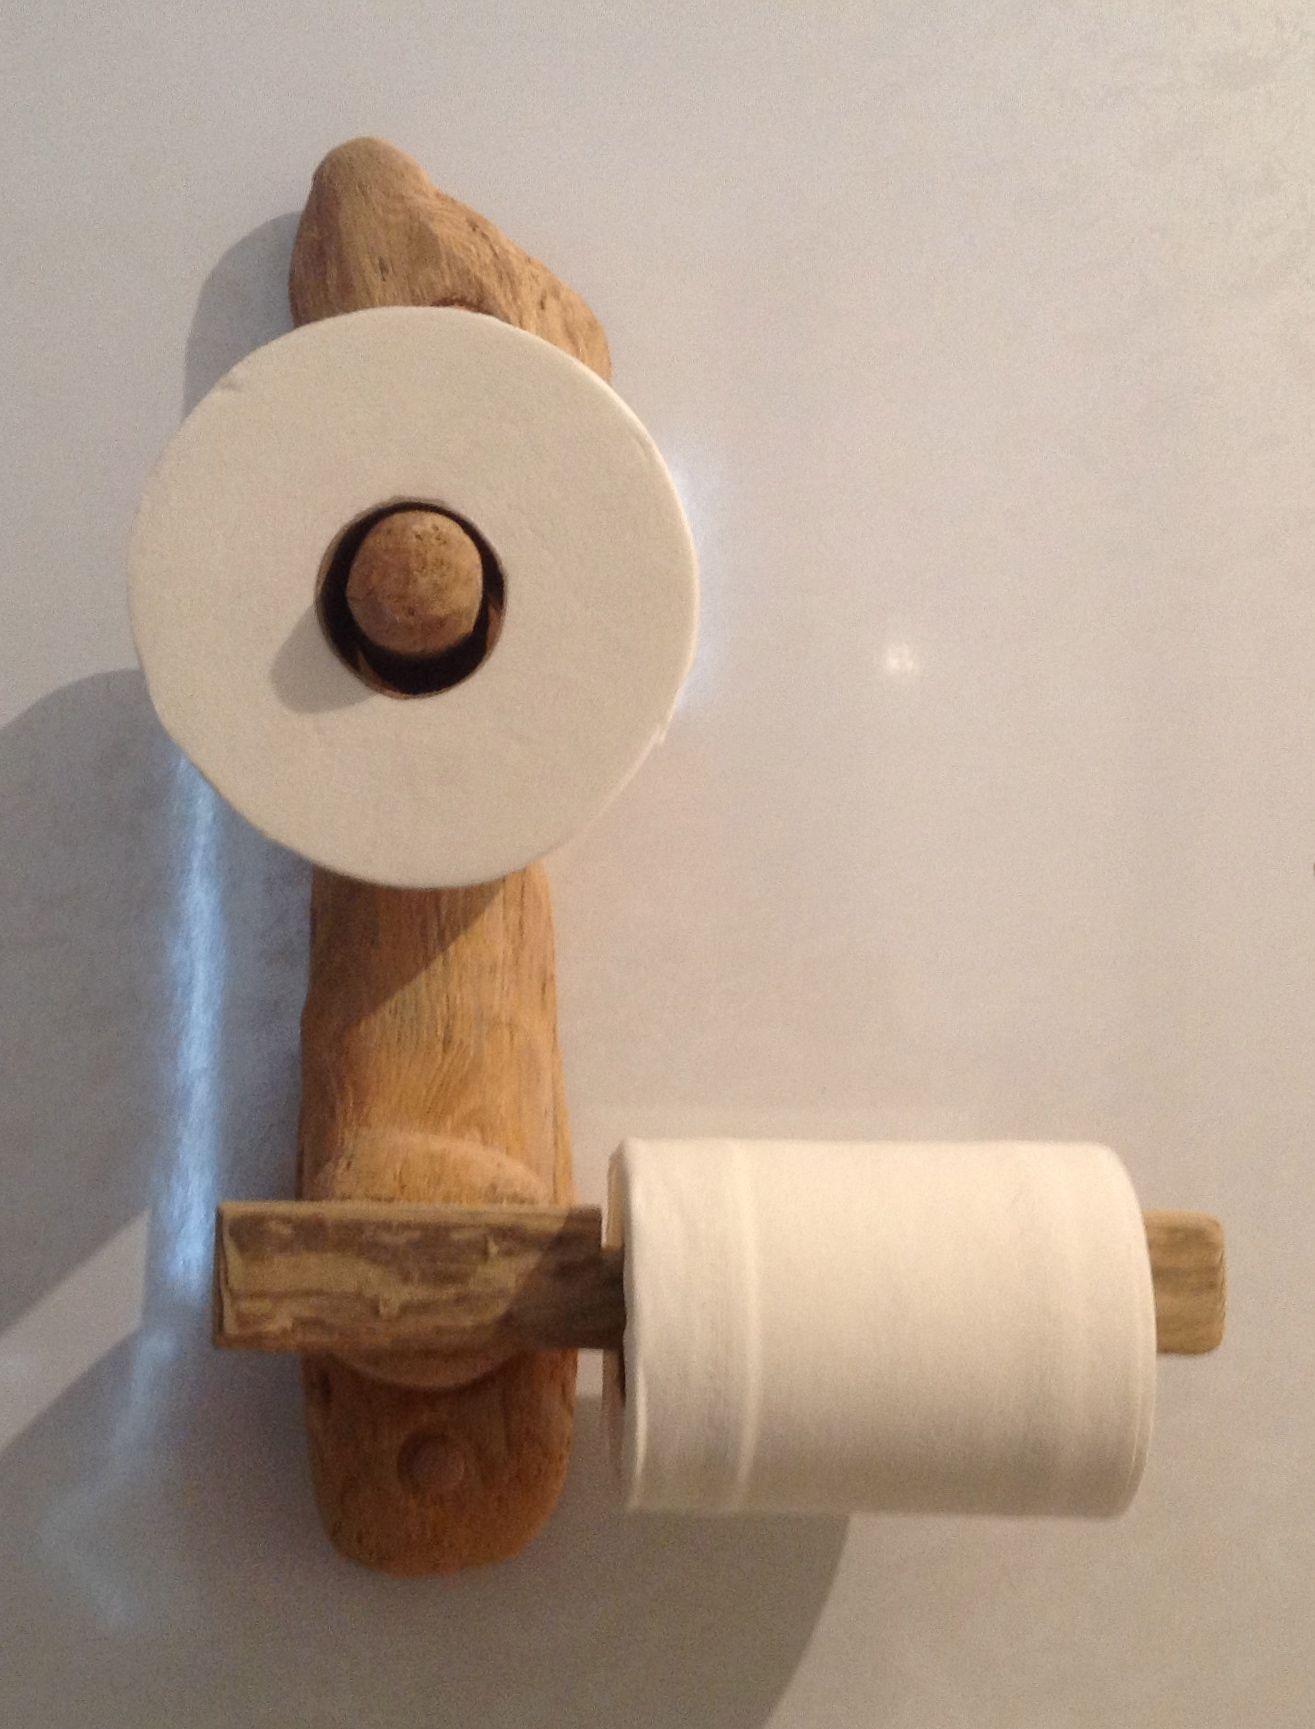 Driftwood Toilet Roll Holder Moveis De Madeira Feitos A Mao Suportes De Papel Ideias Para Casas De Banho